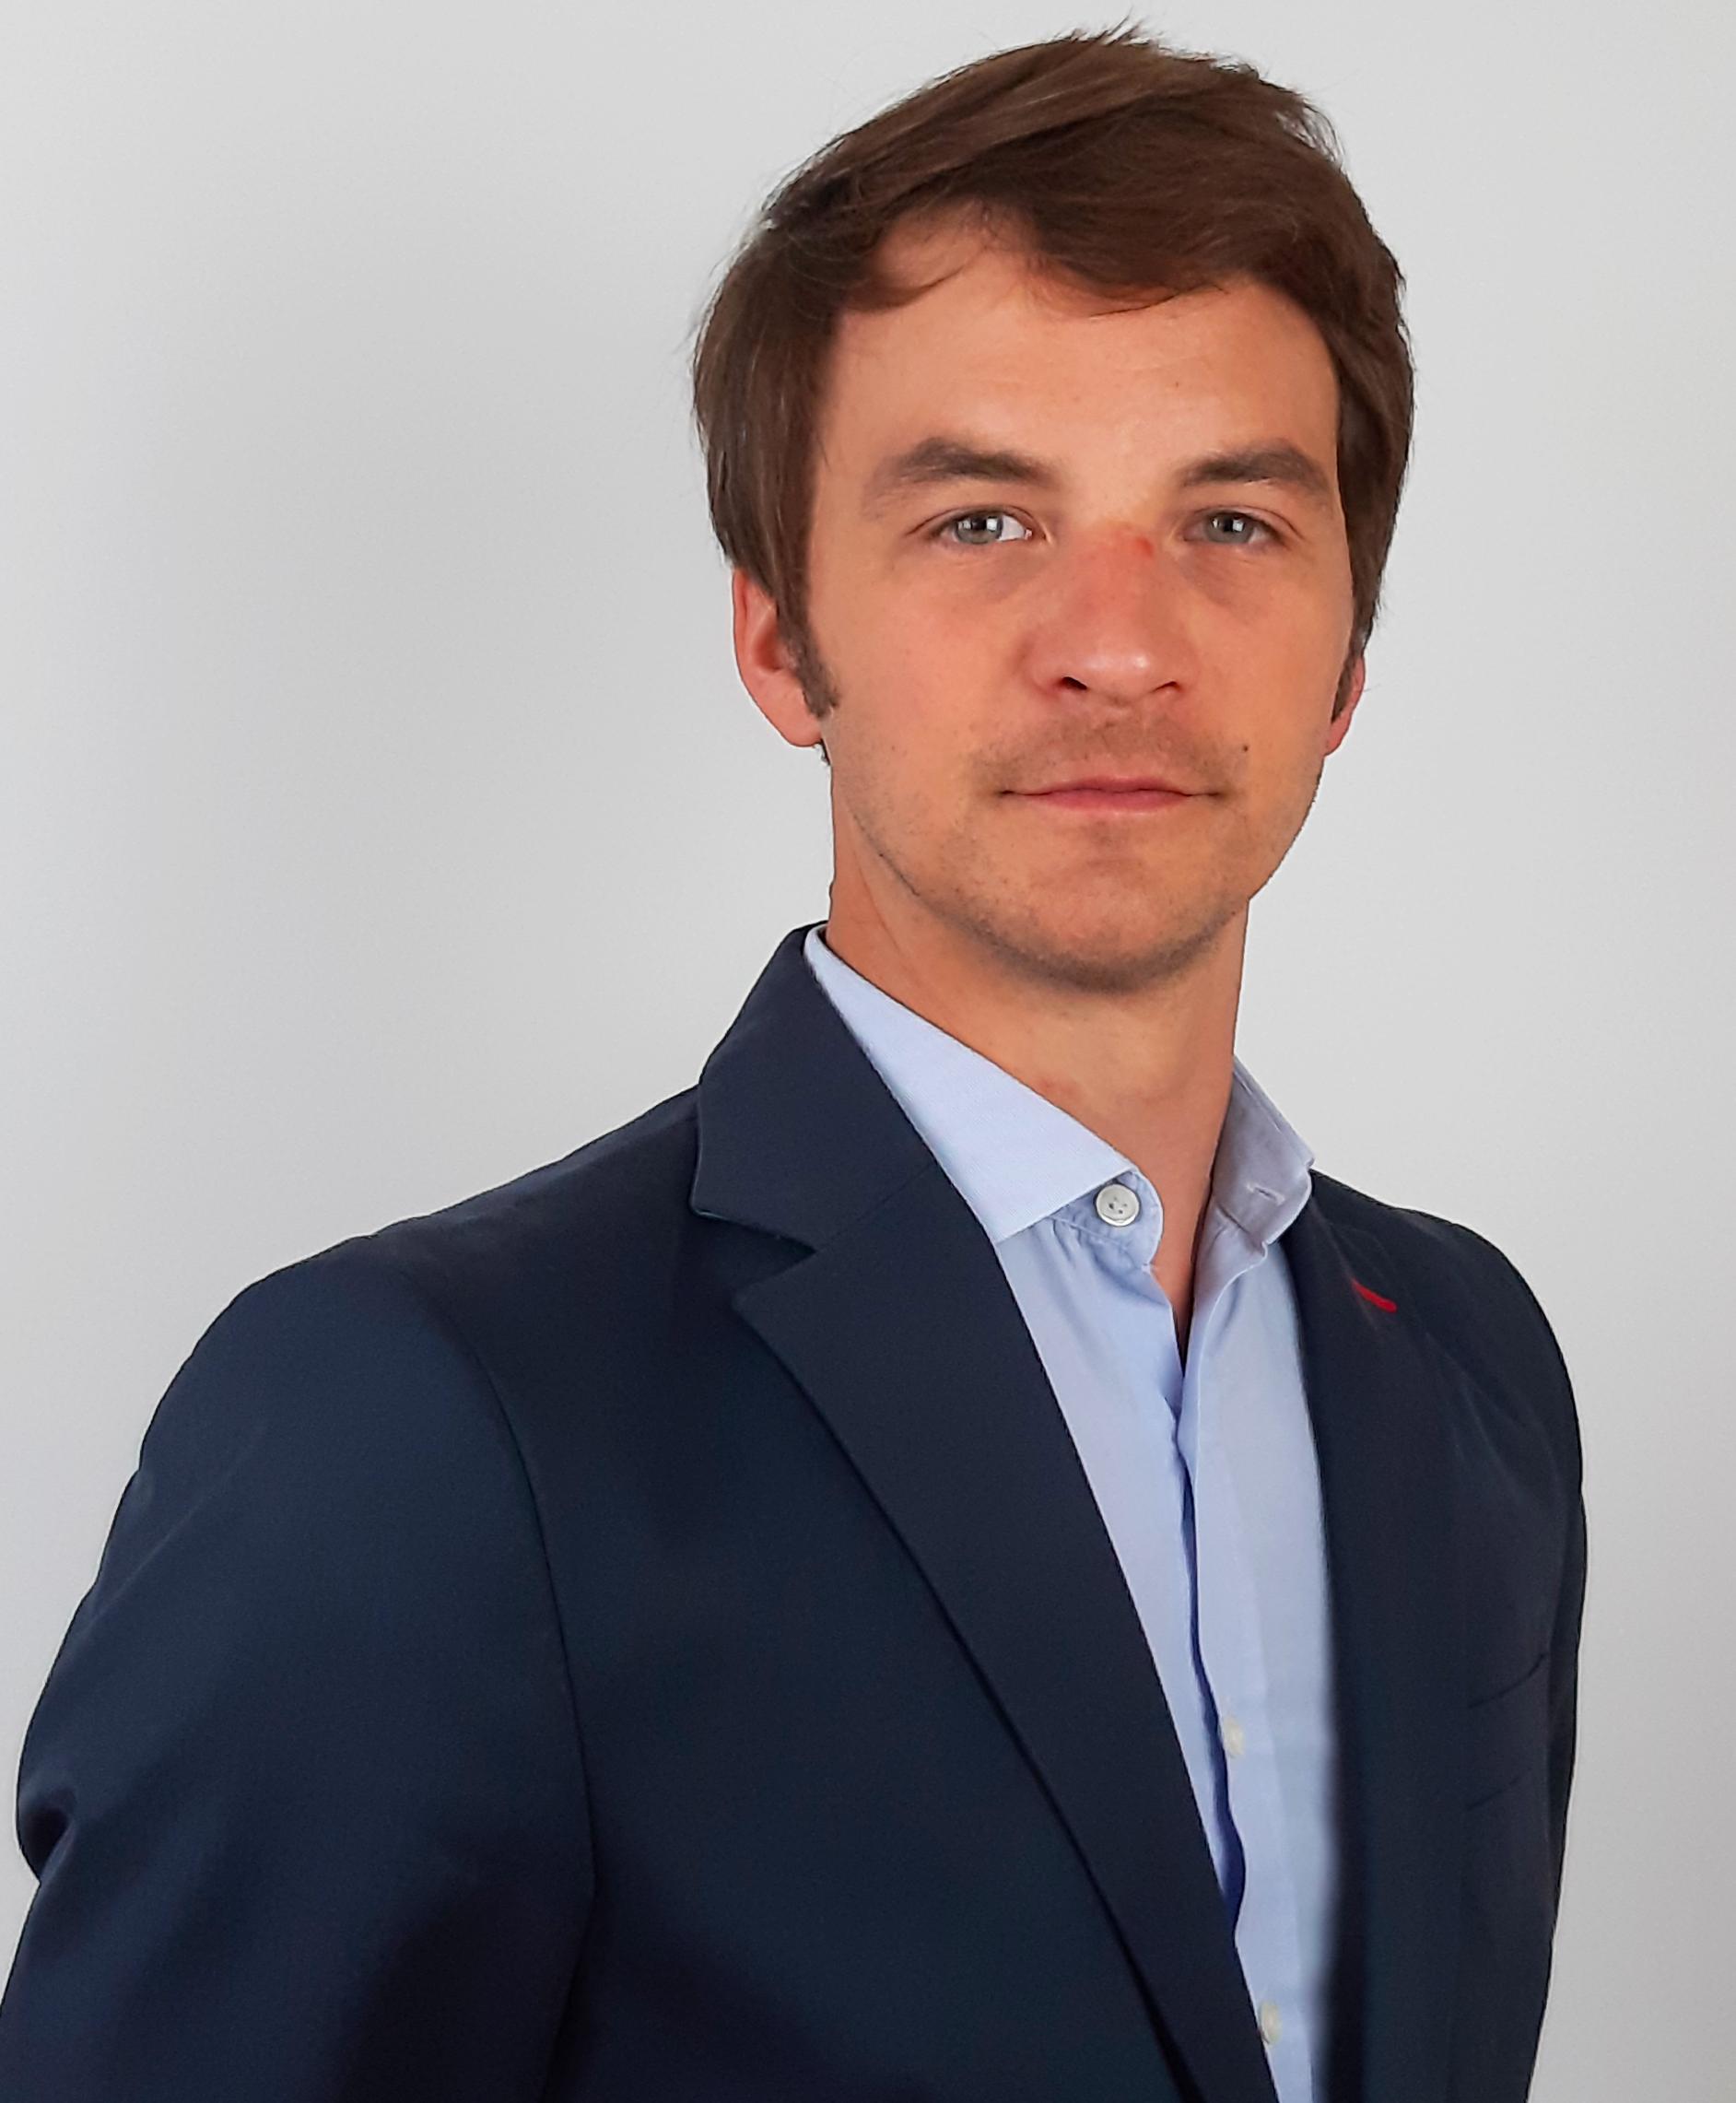 Fabien Fouillard